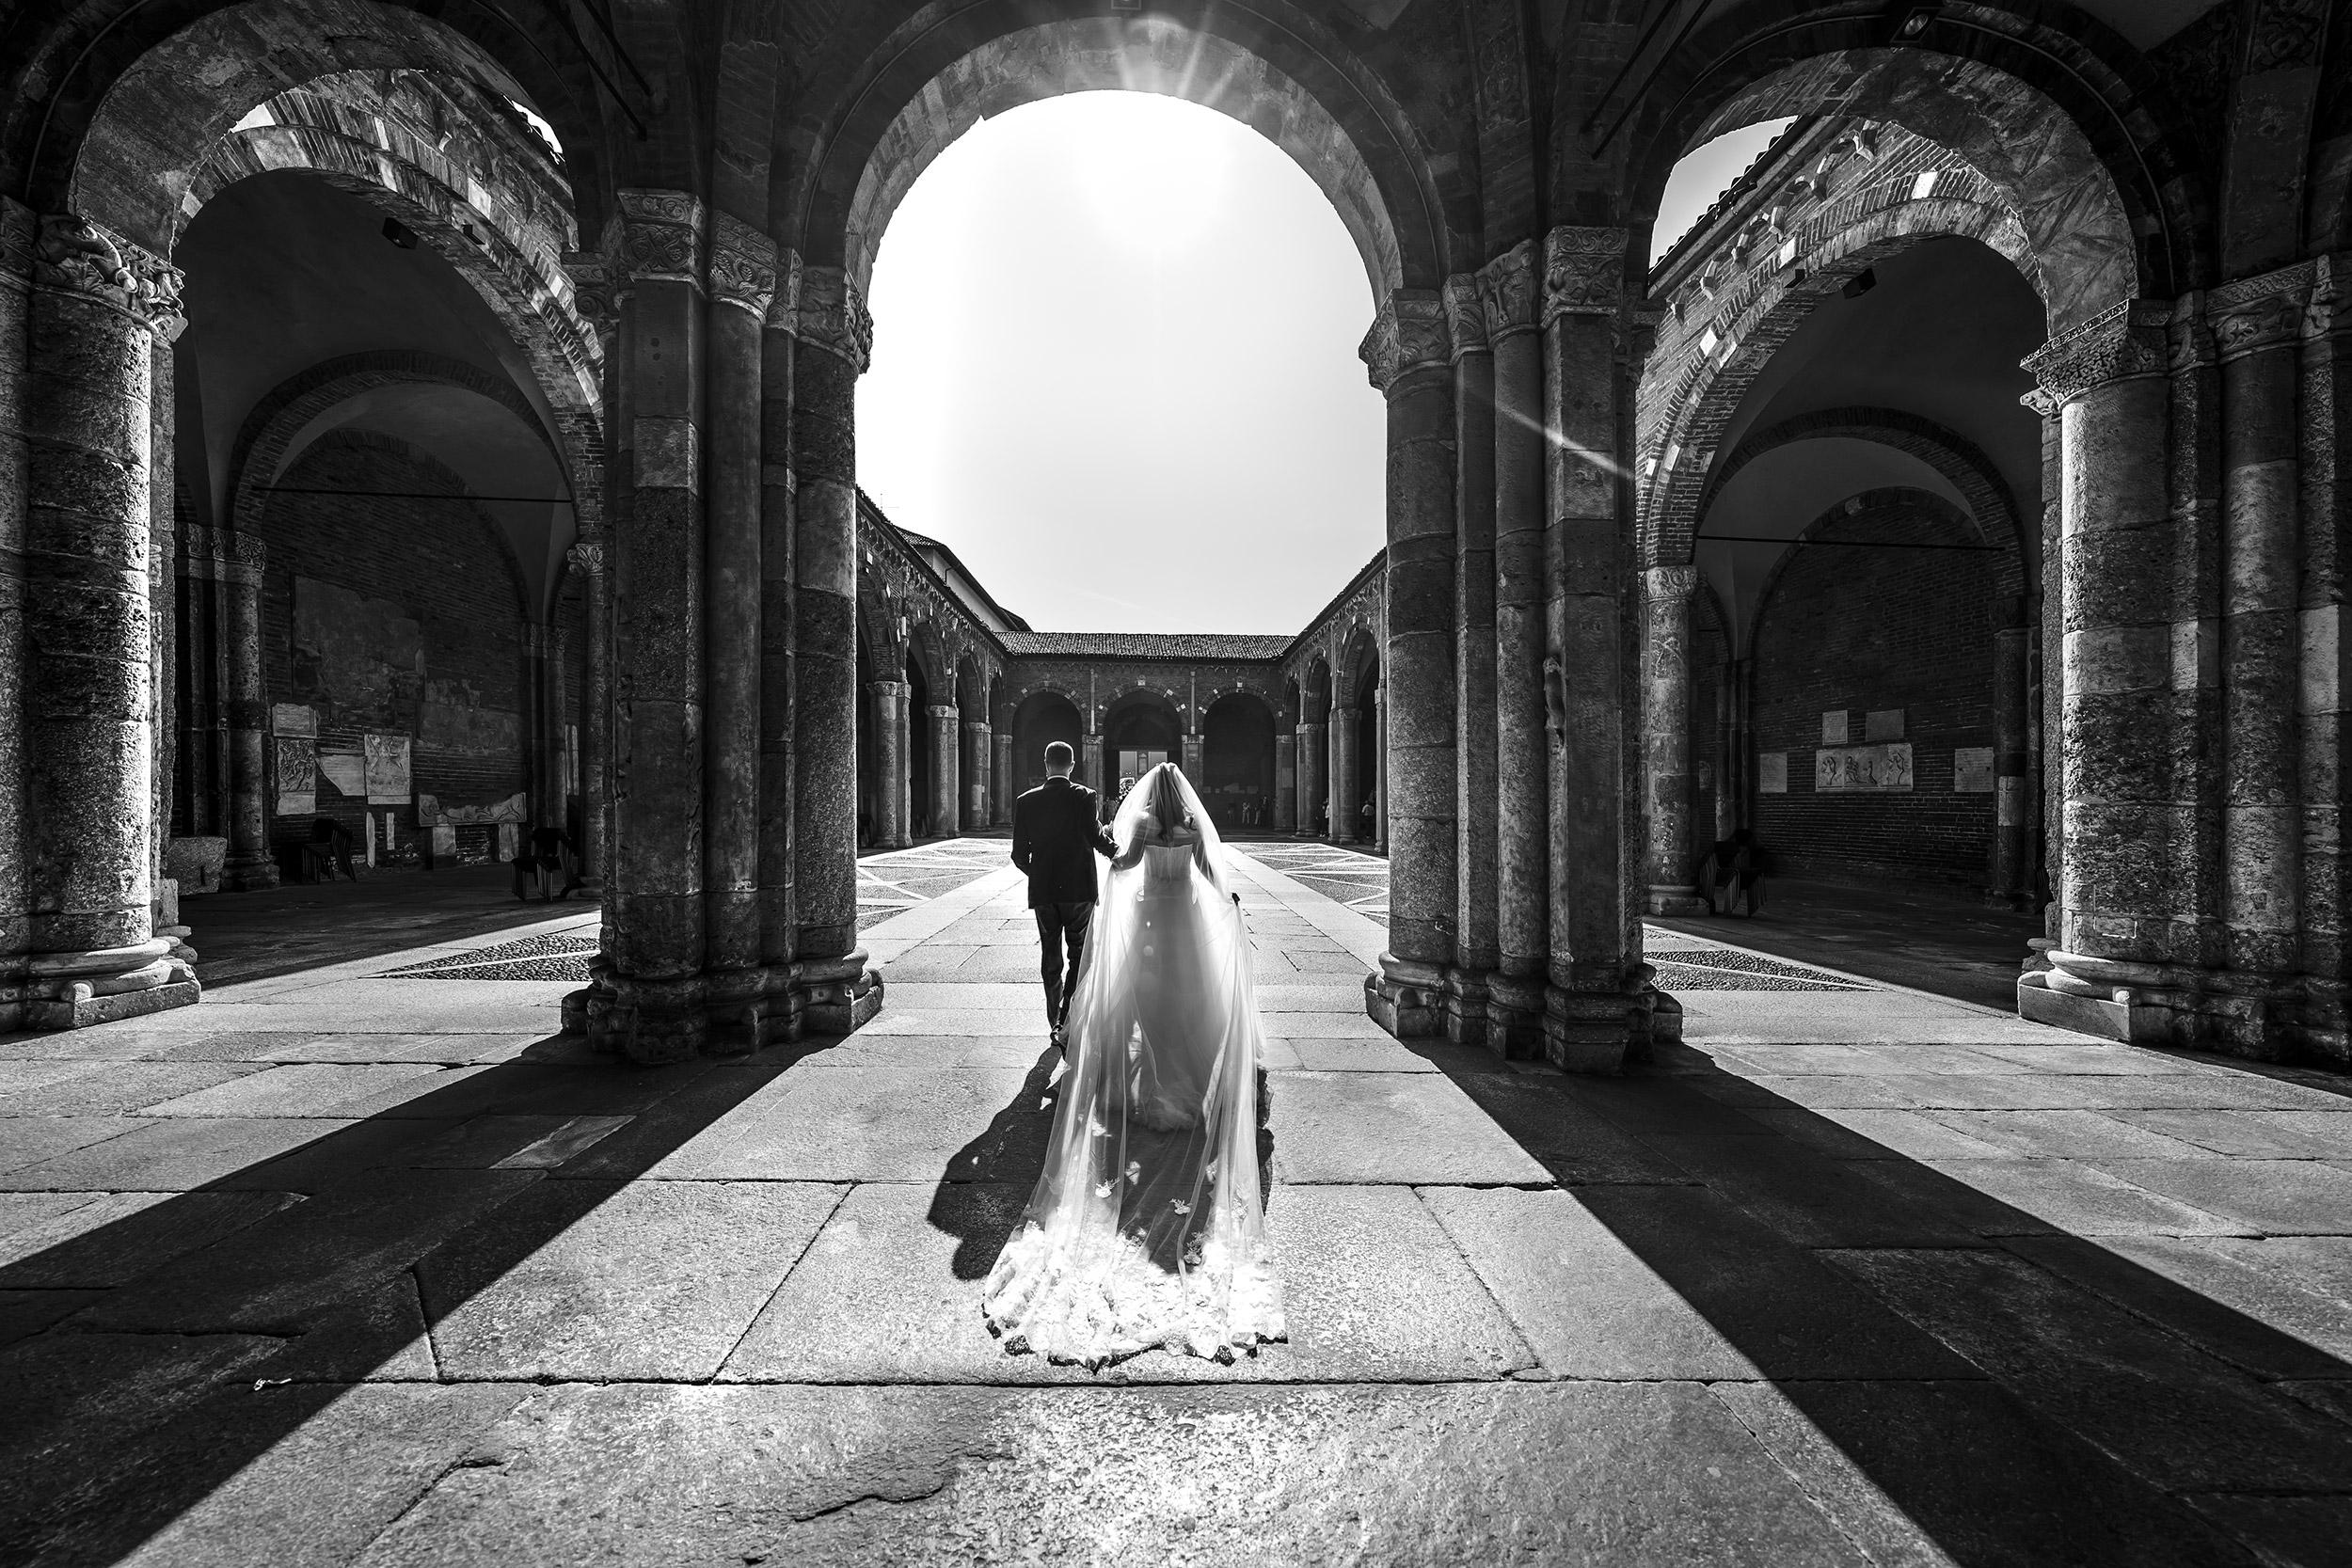 000 reportage foto matrimonio wedding ritratto sposi basilica sant ambrogio milano 1